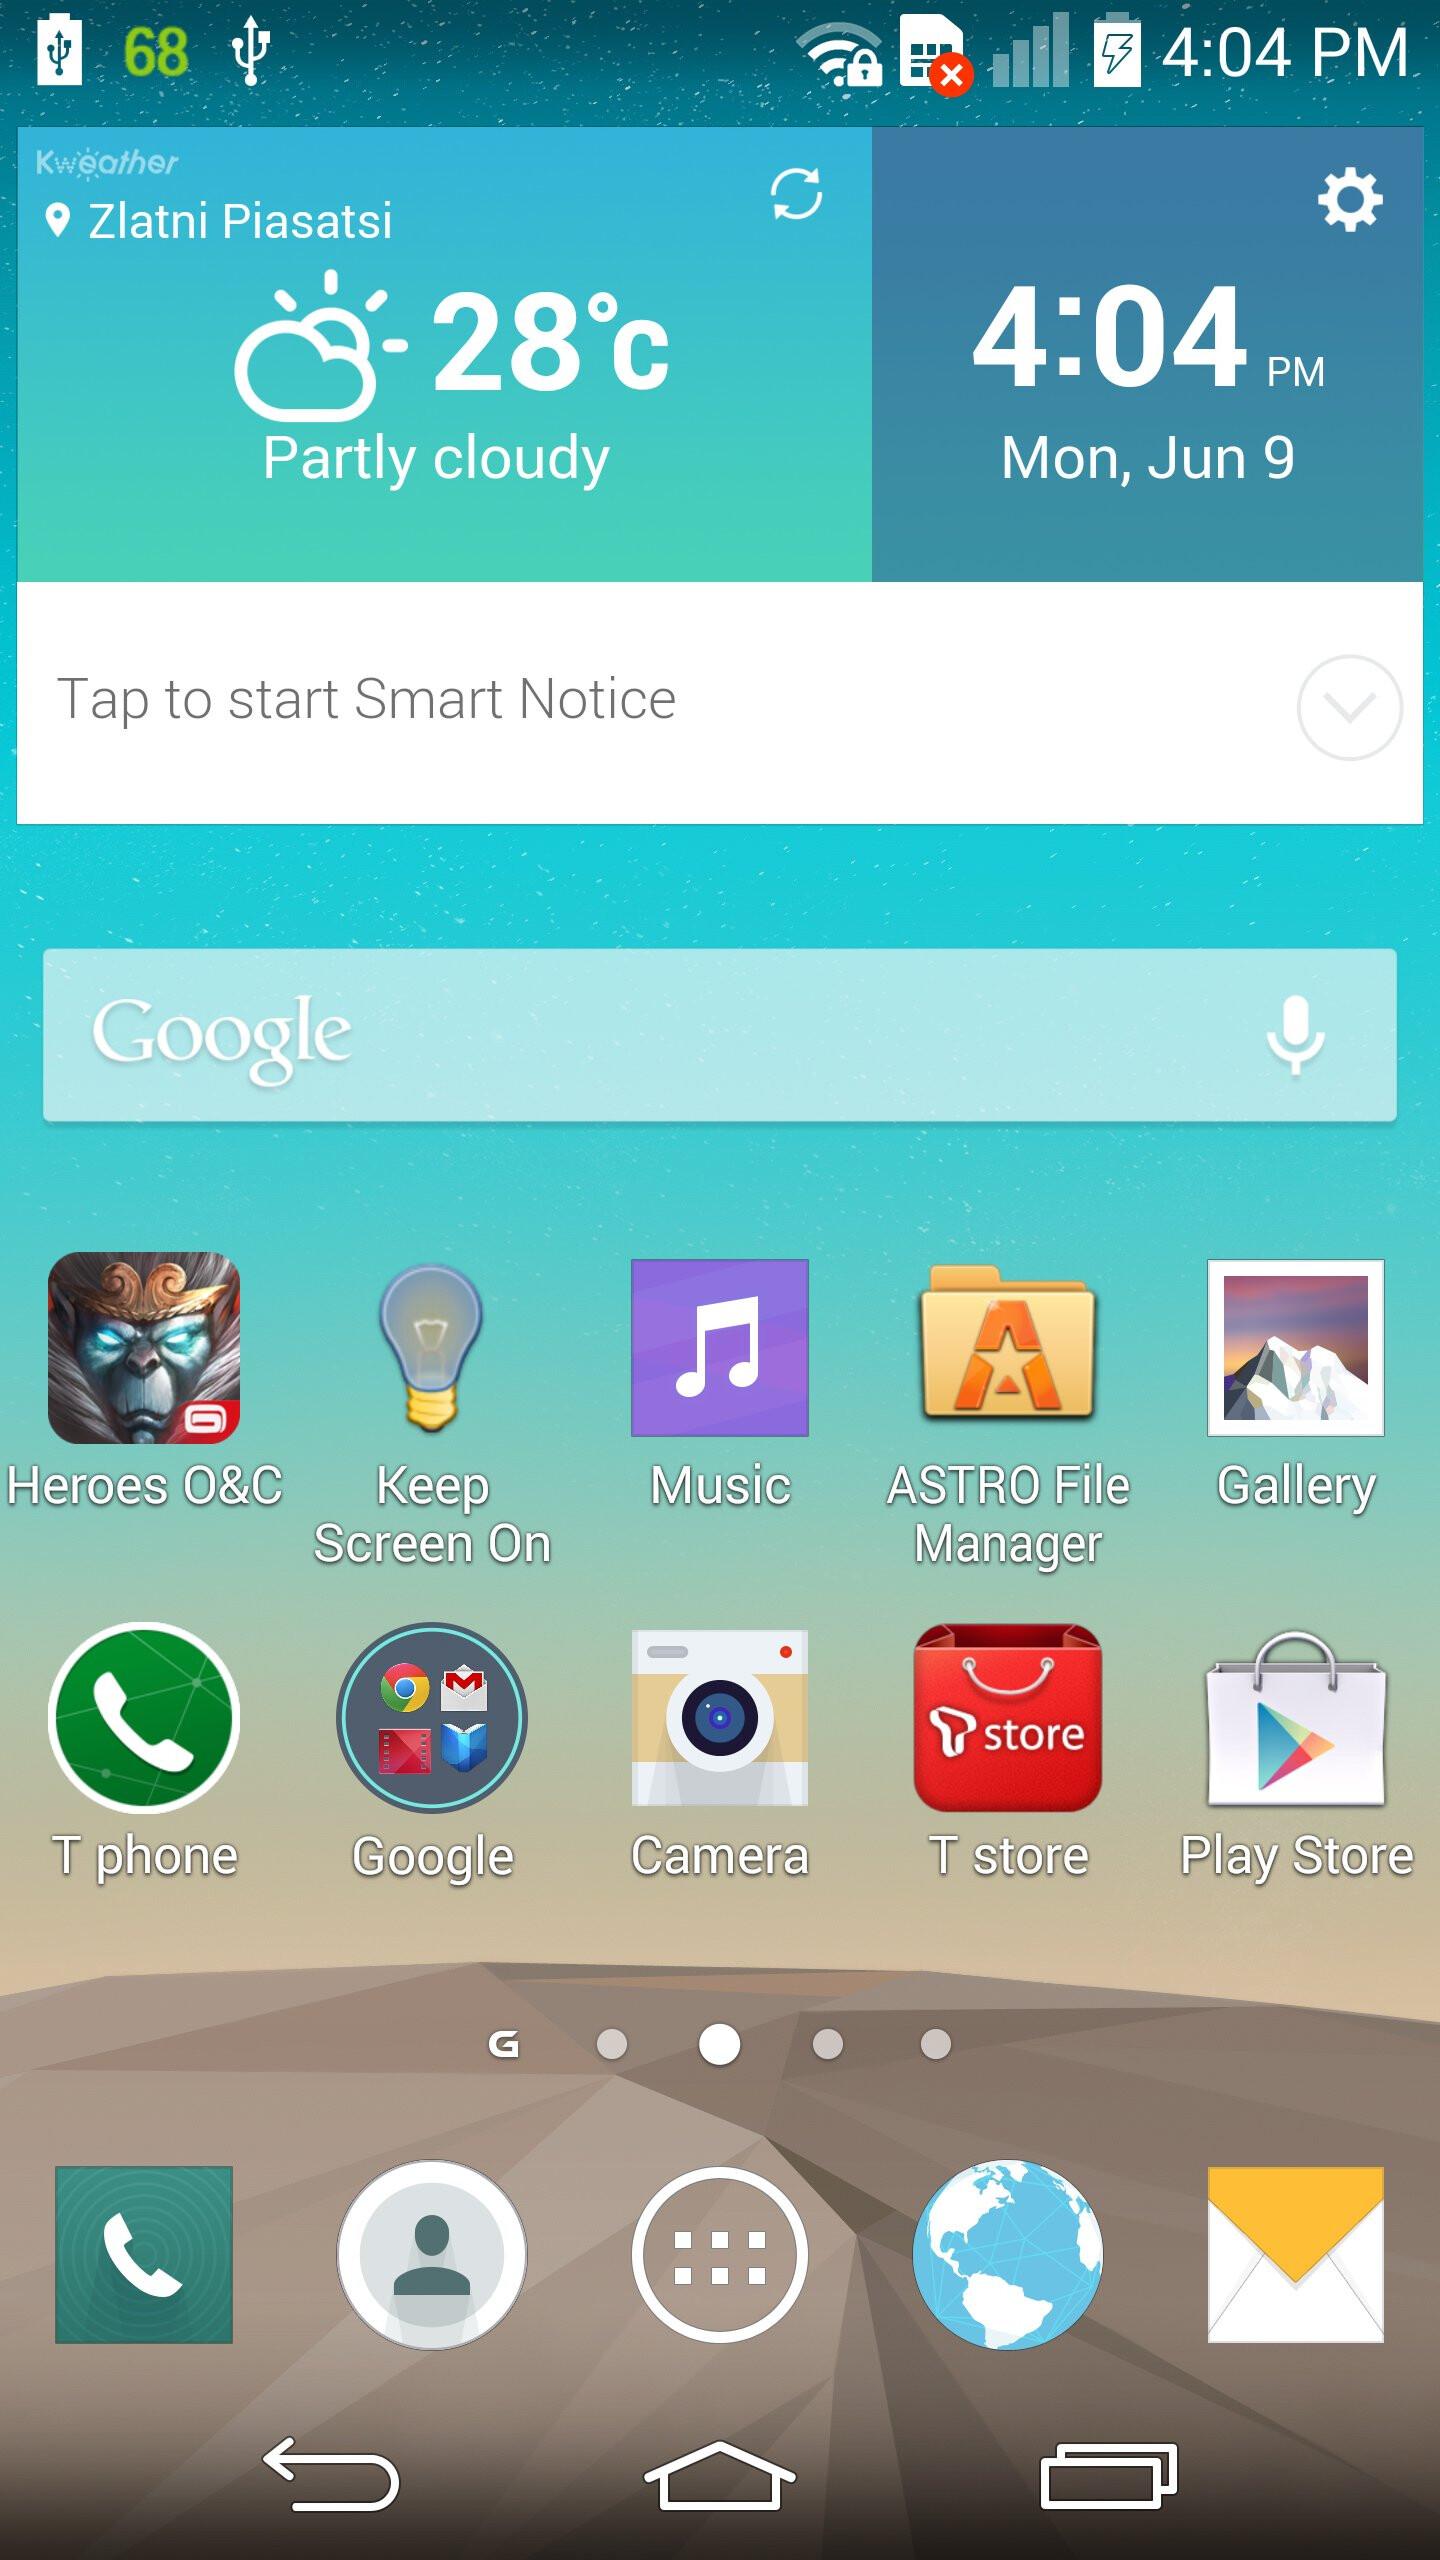 LG's UI on the G3